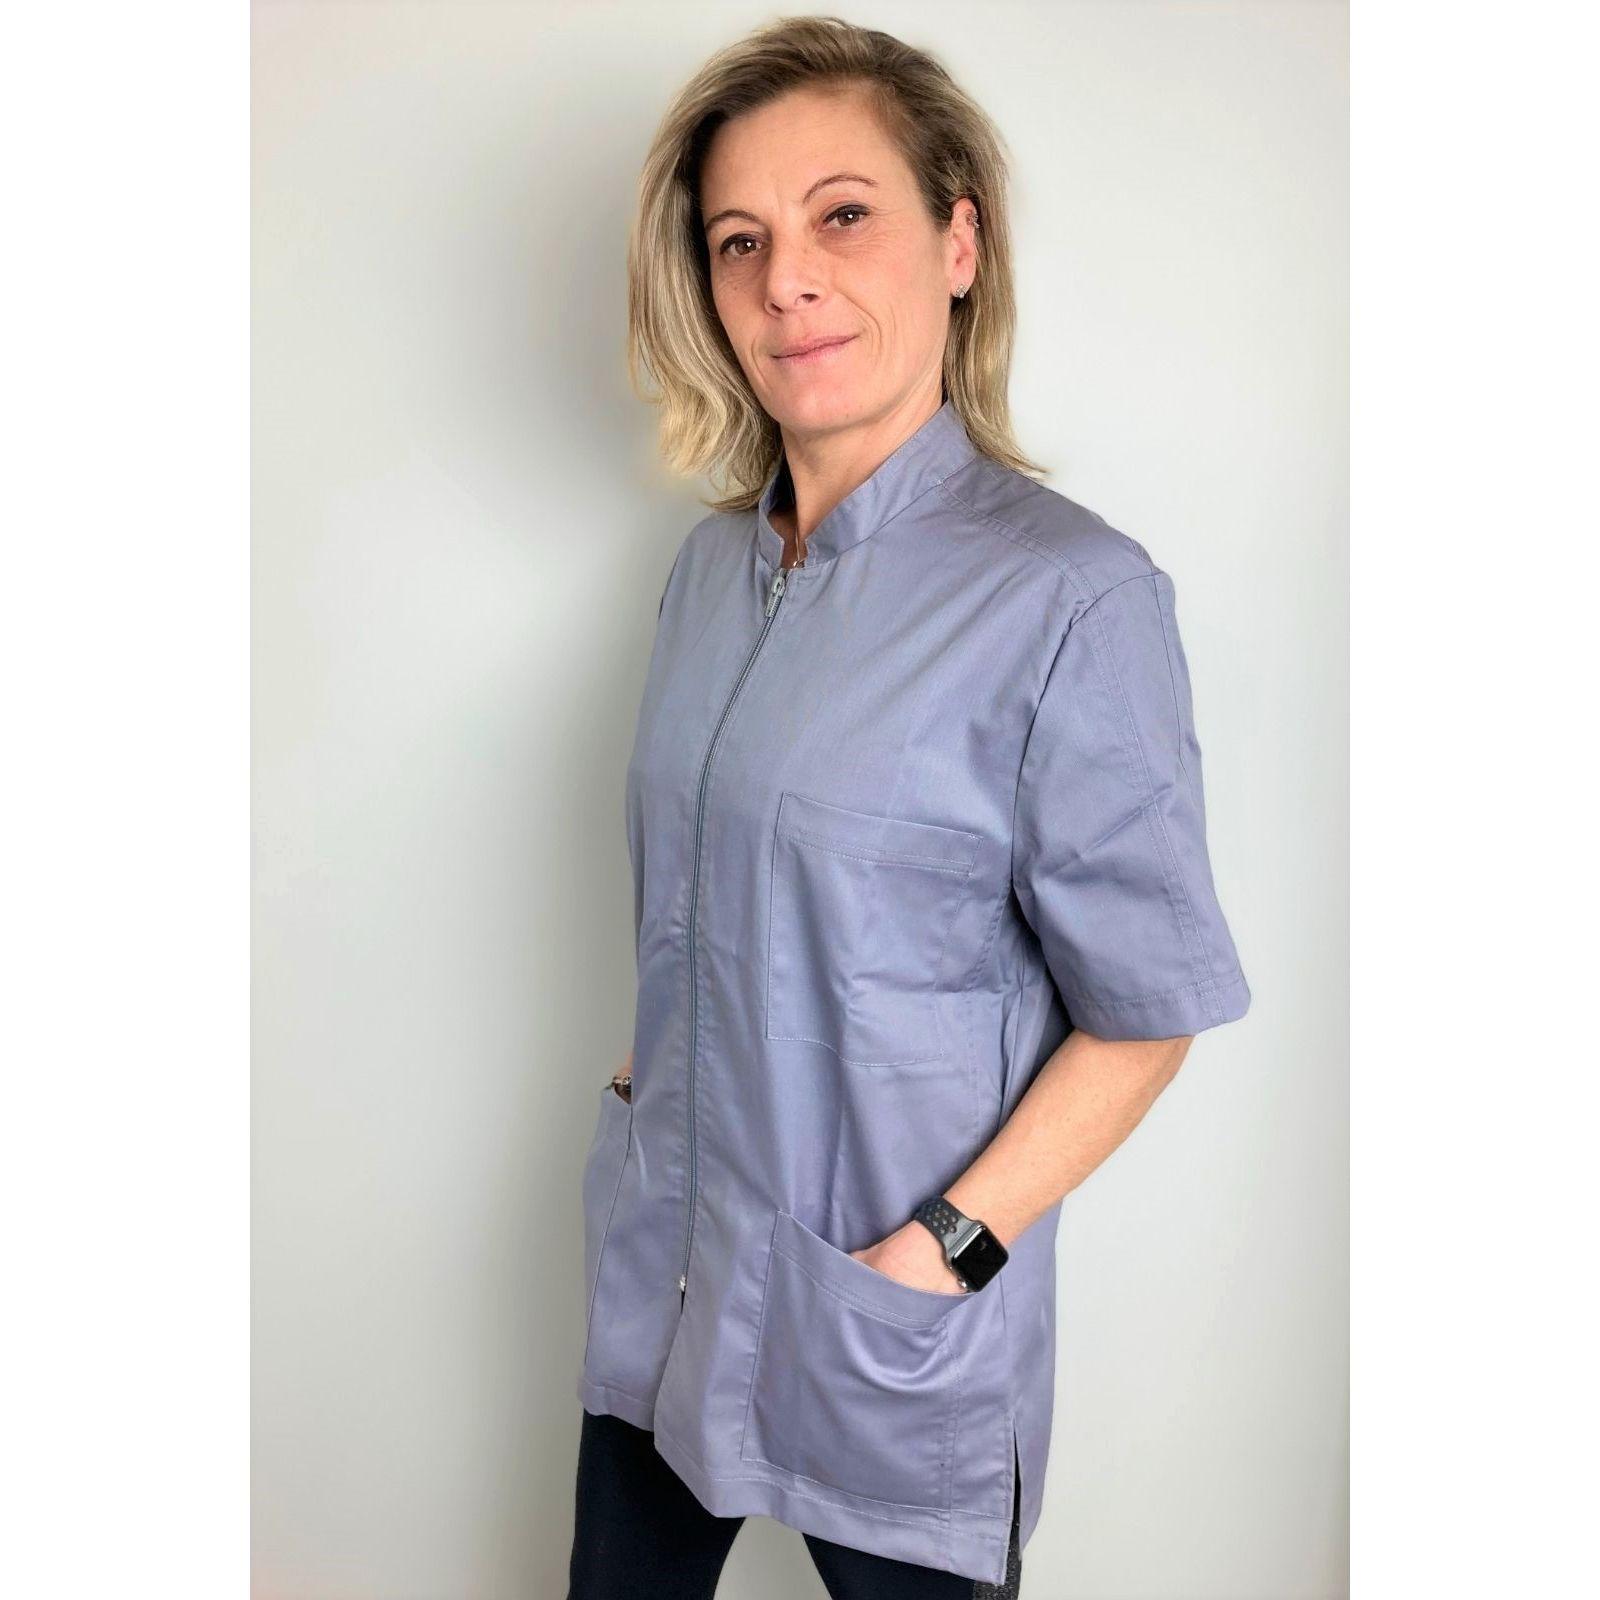 Blouse Médicale Gris, Femme, Fermeture éclair, Camille Lavandie (2622VGR) vue modele